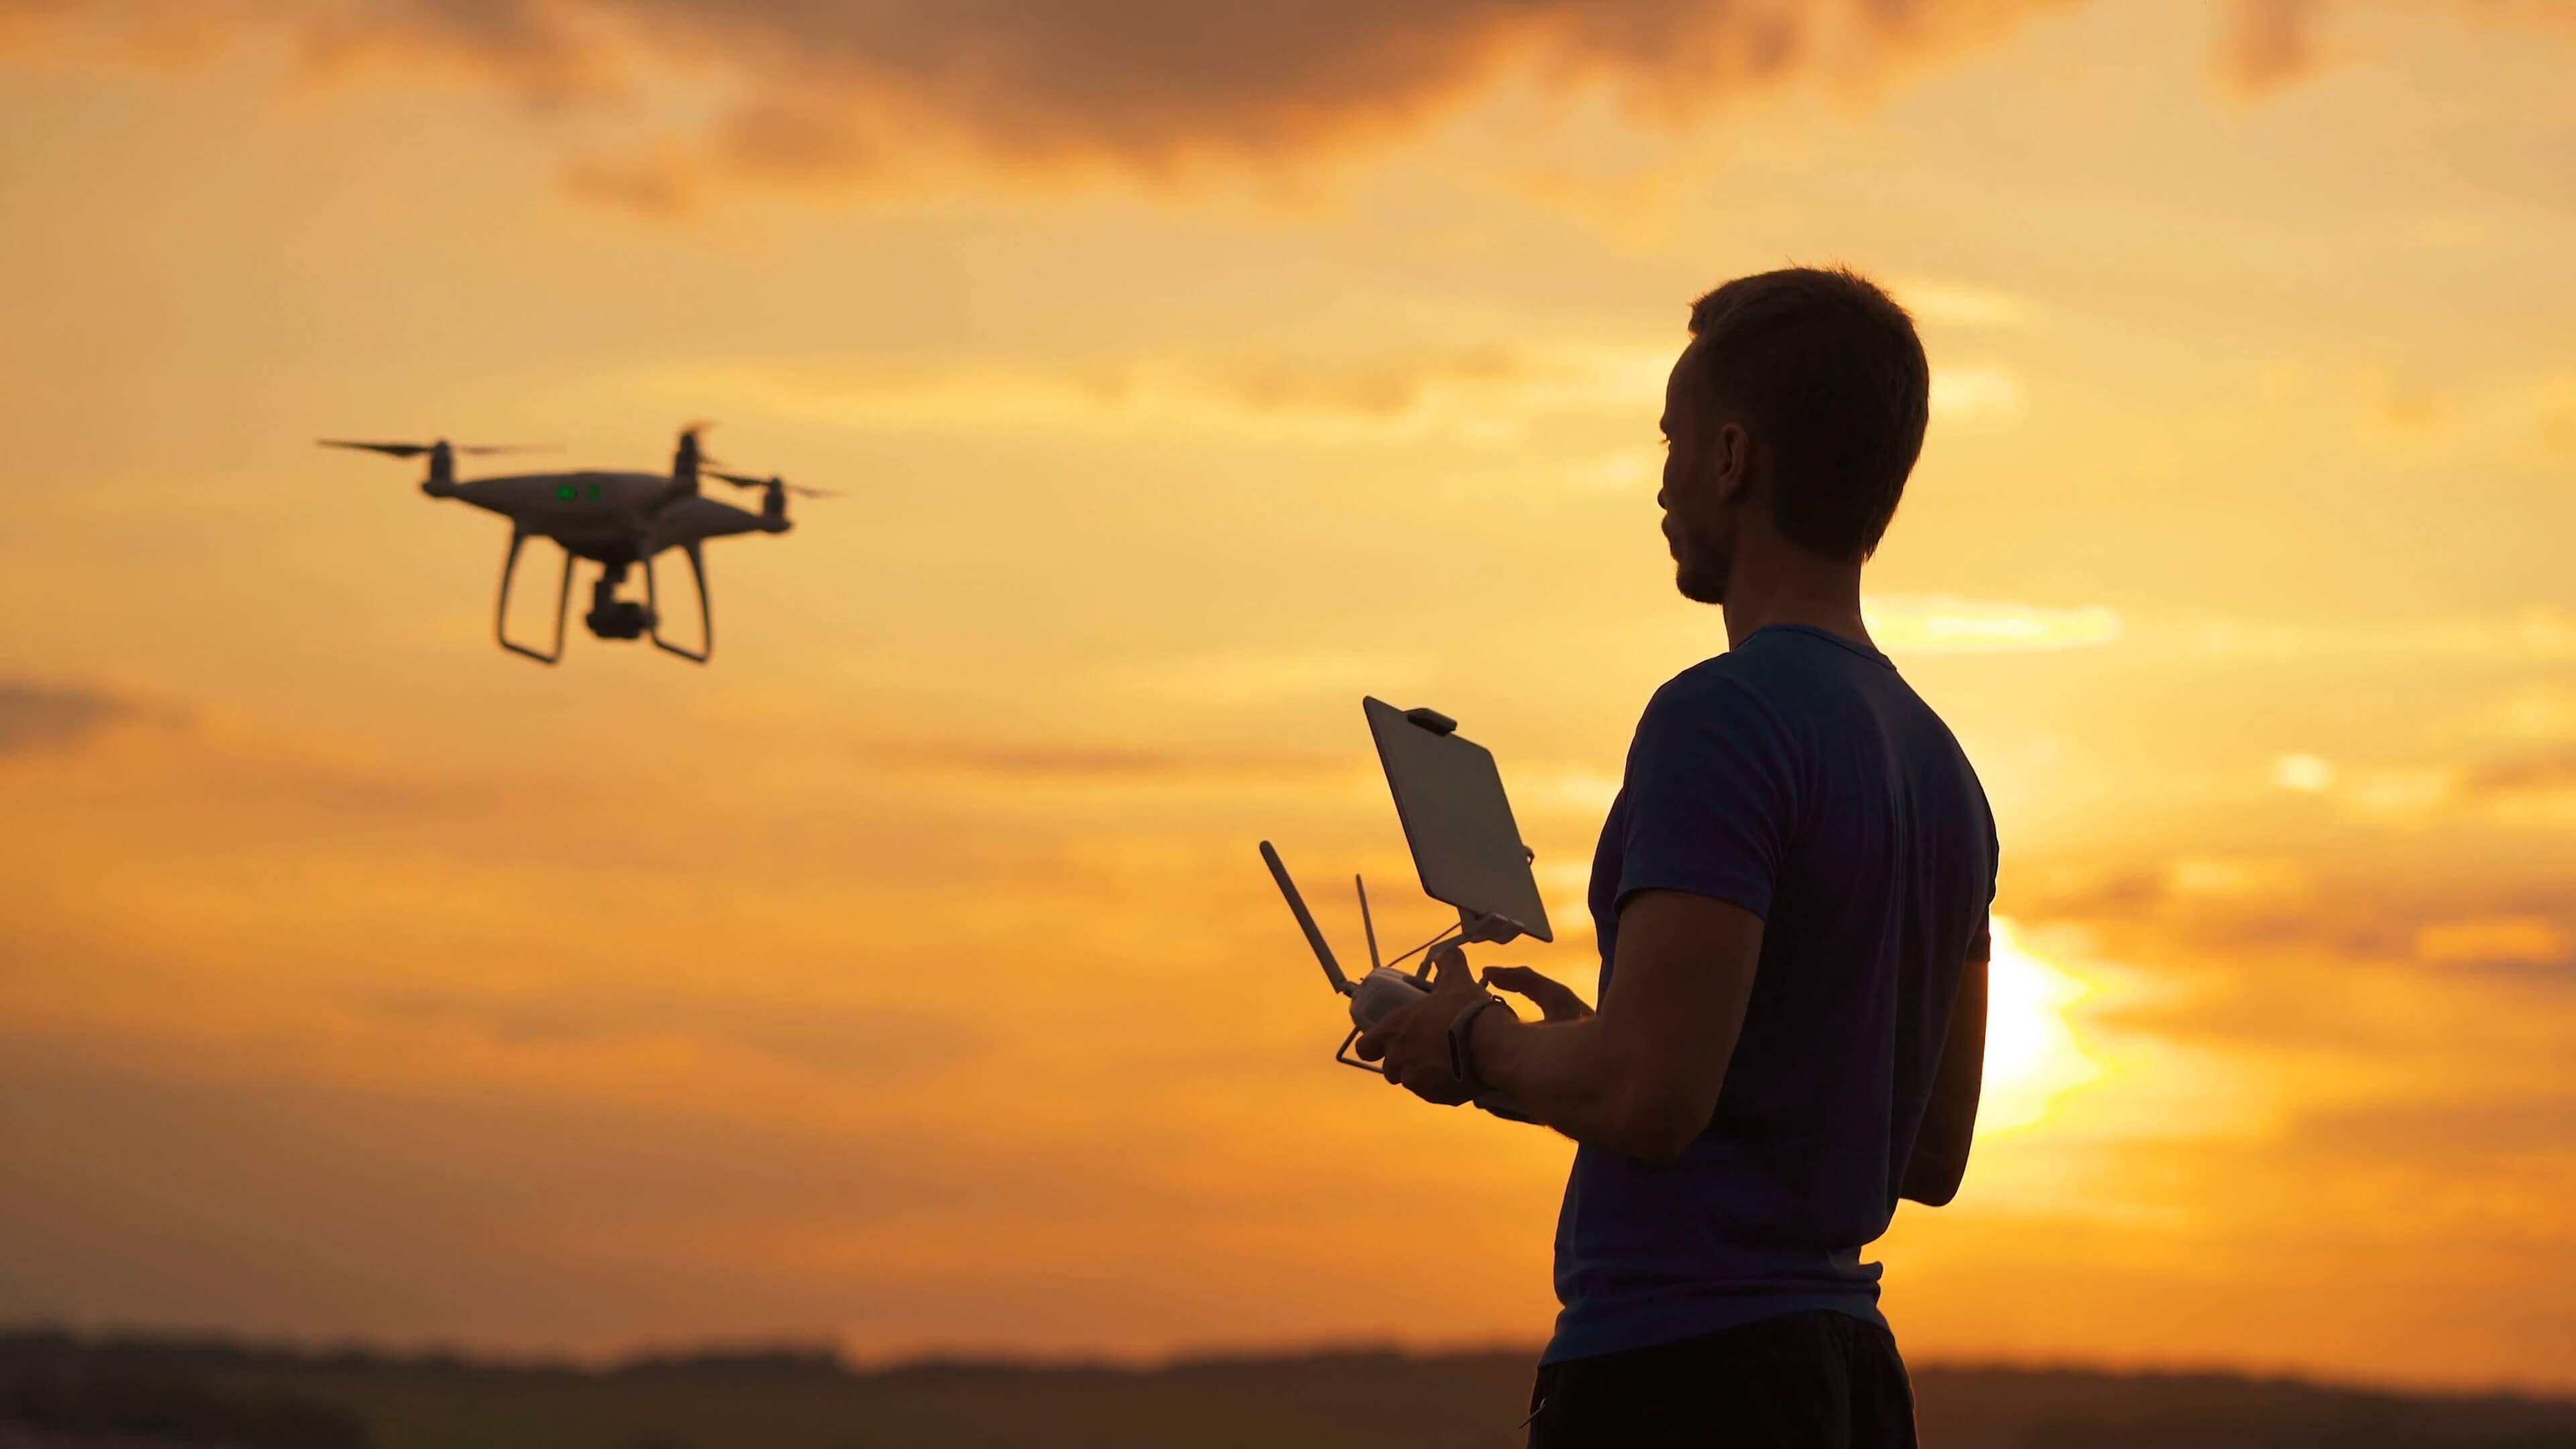 drone20 3840x2160 - Havadan Drone Fotoğraf ve Video Çekimi